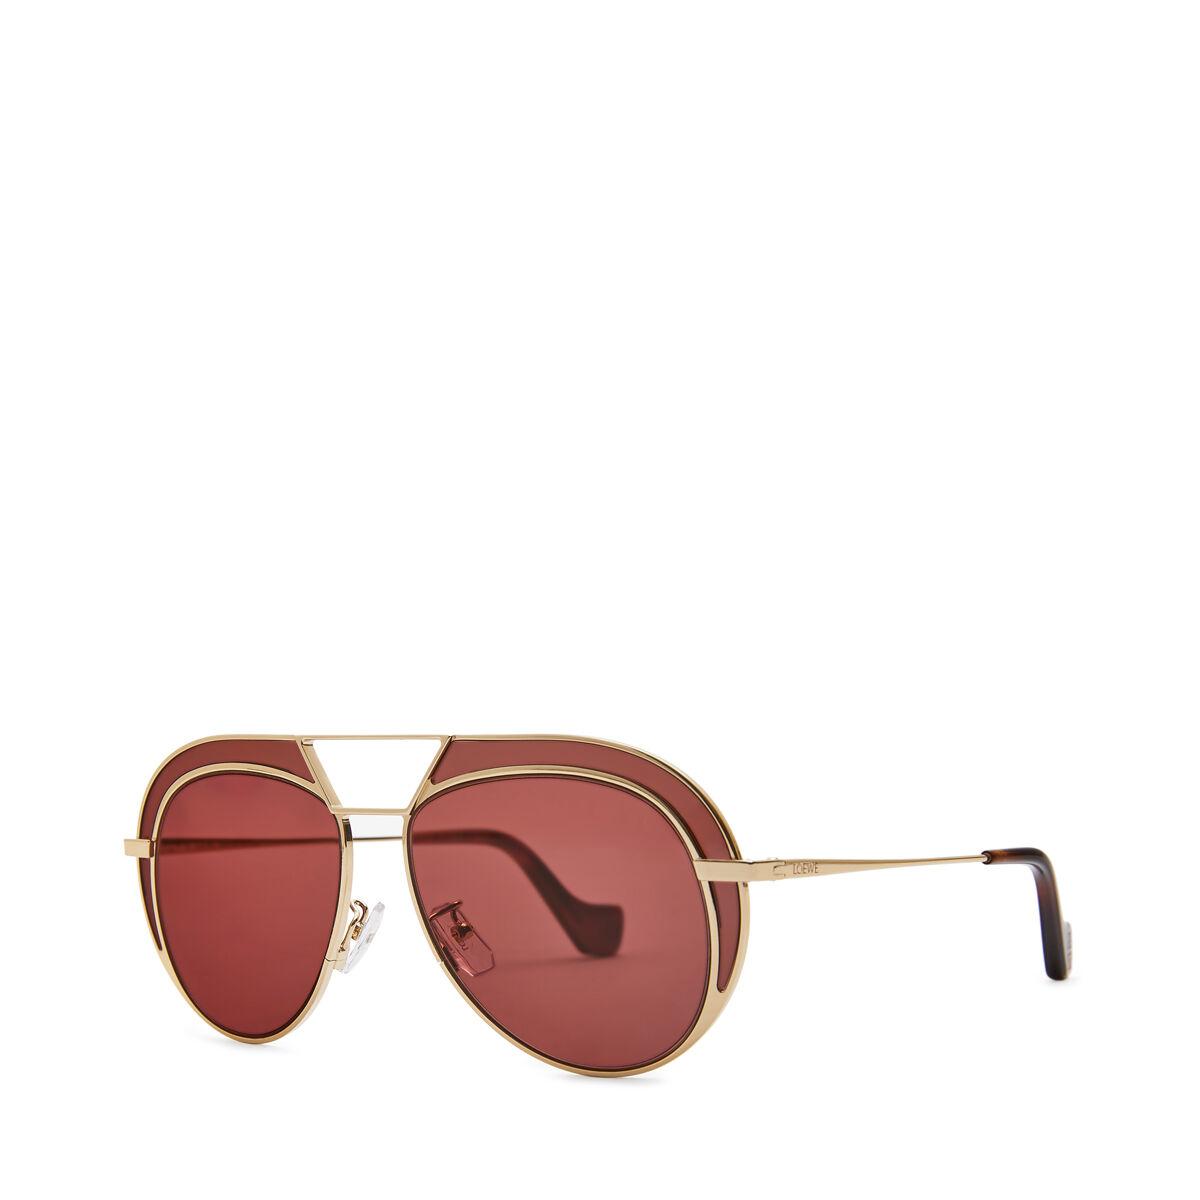 LOEWE Gafas Metal Redondas Oro/Burdeos front